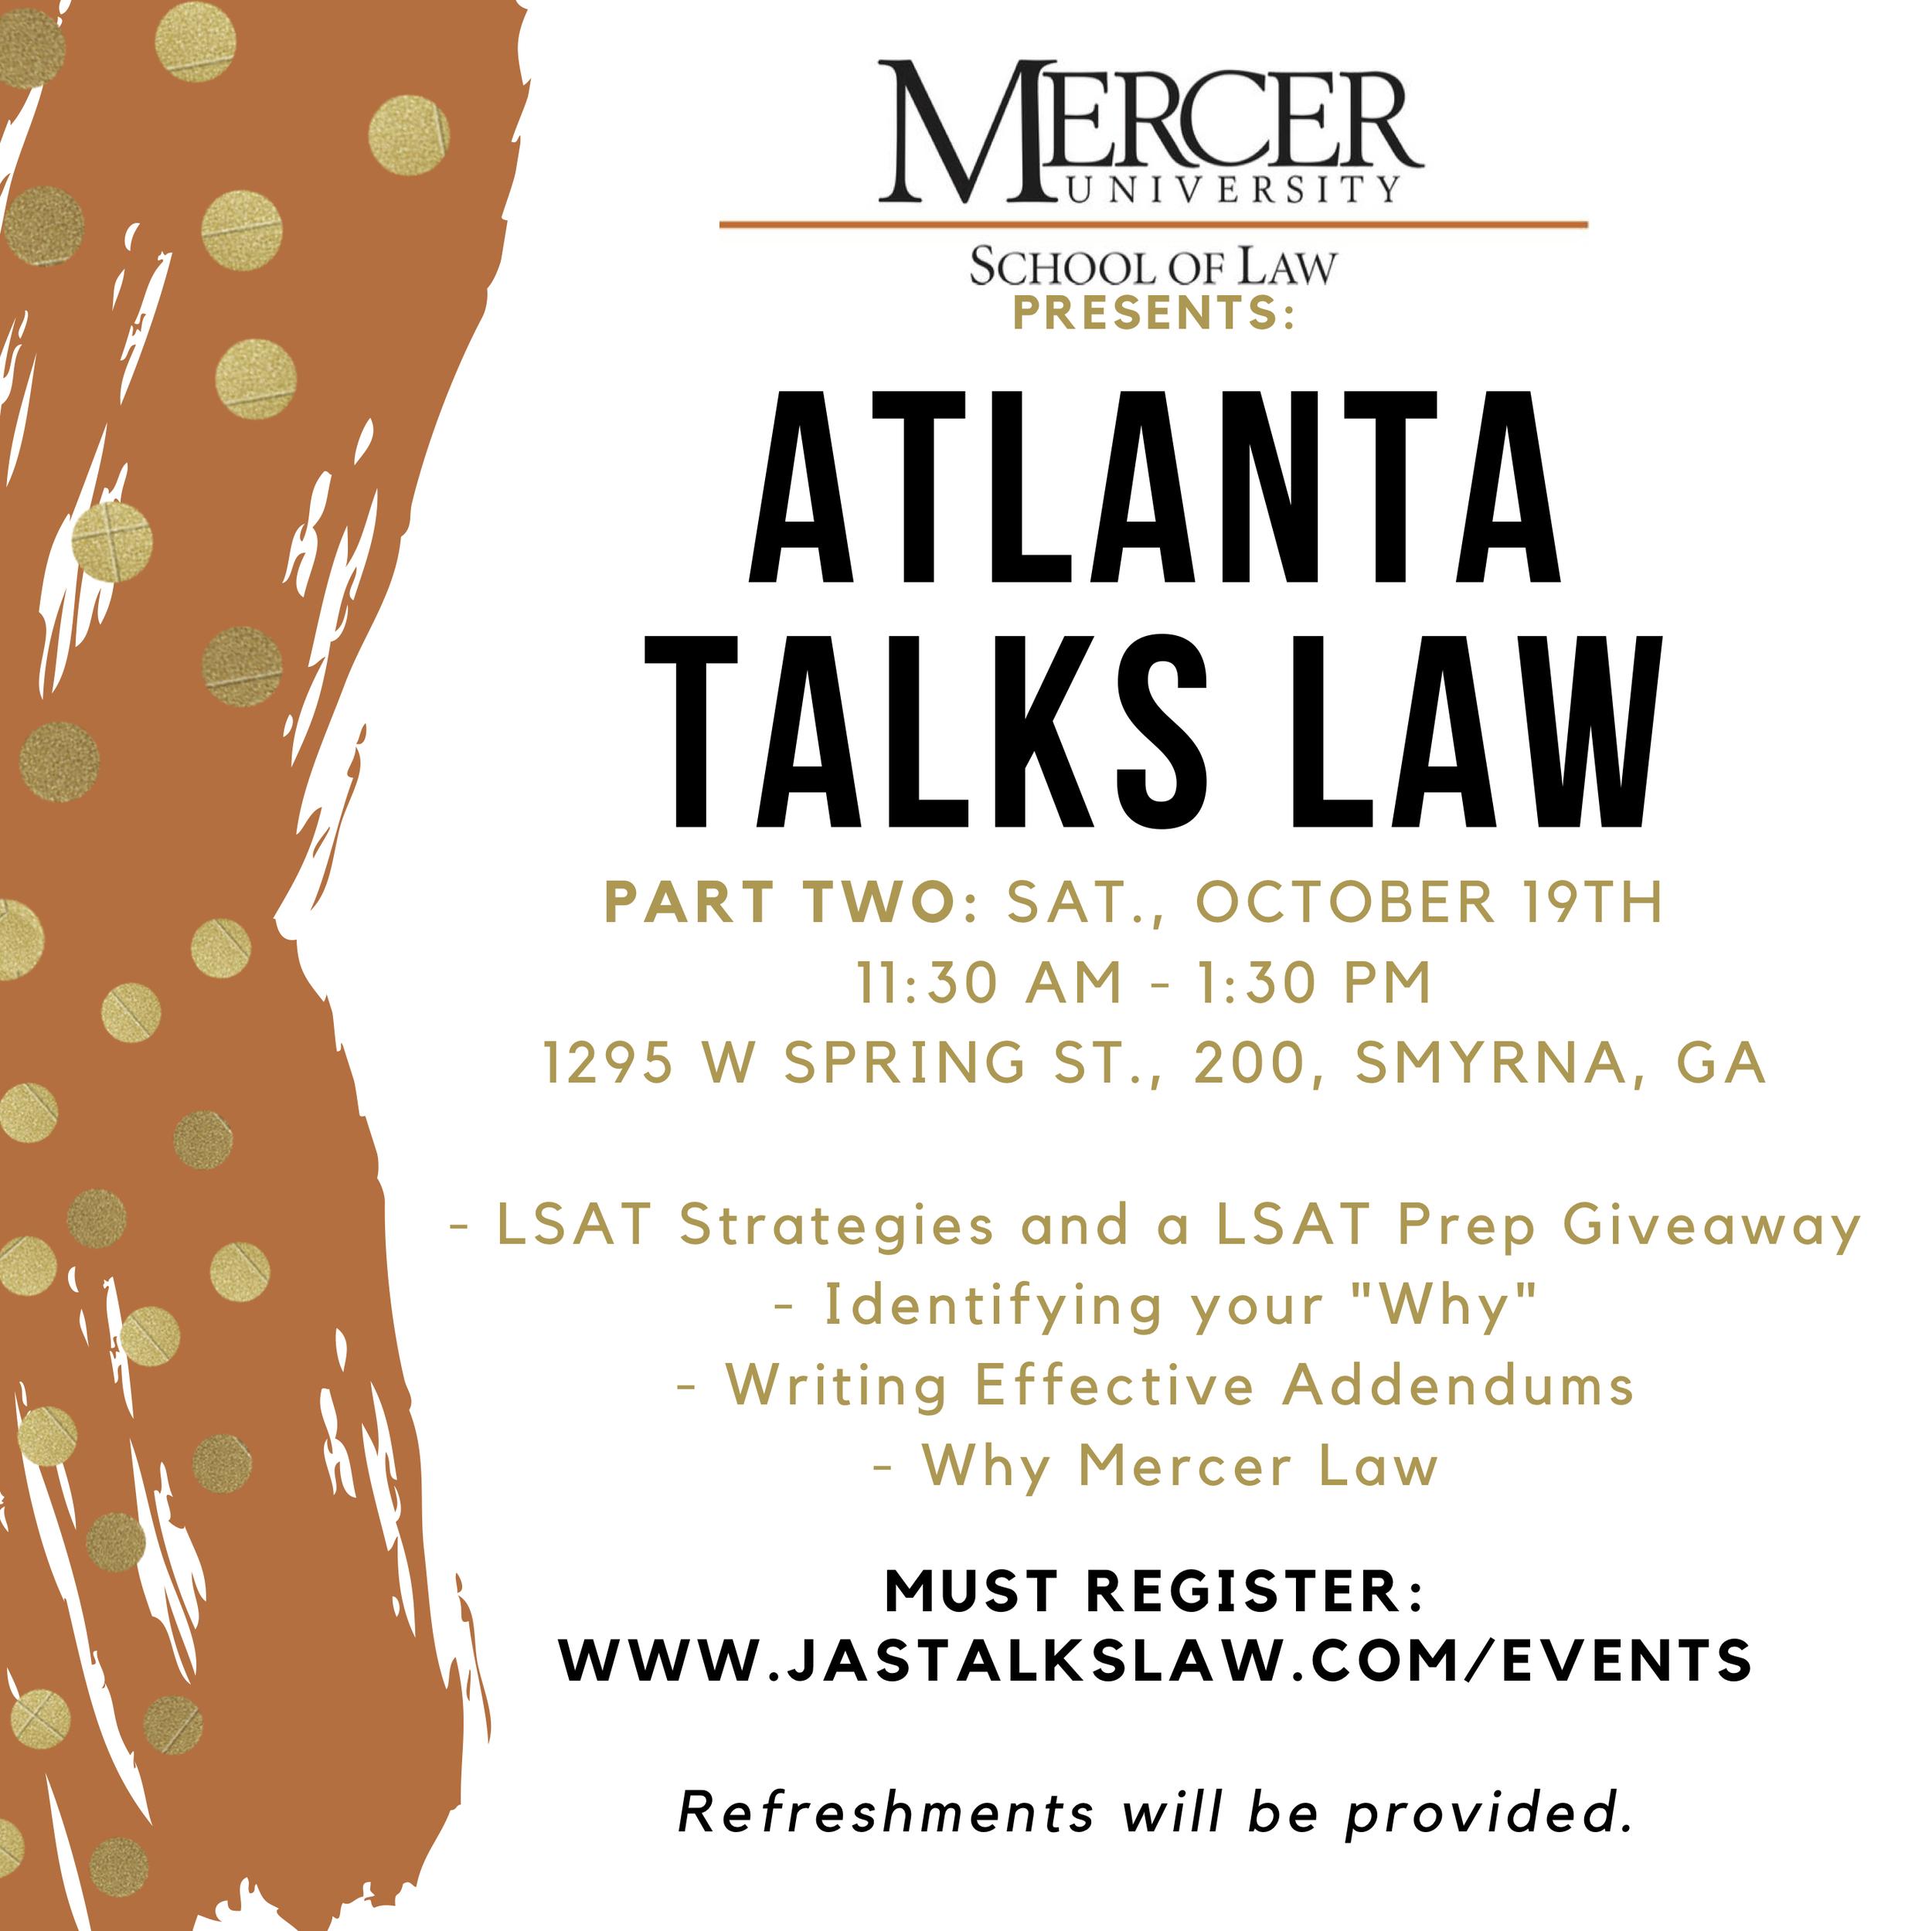 ATL Talks Law-3 (dragged).png